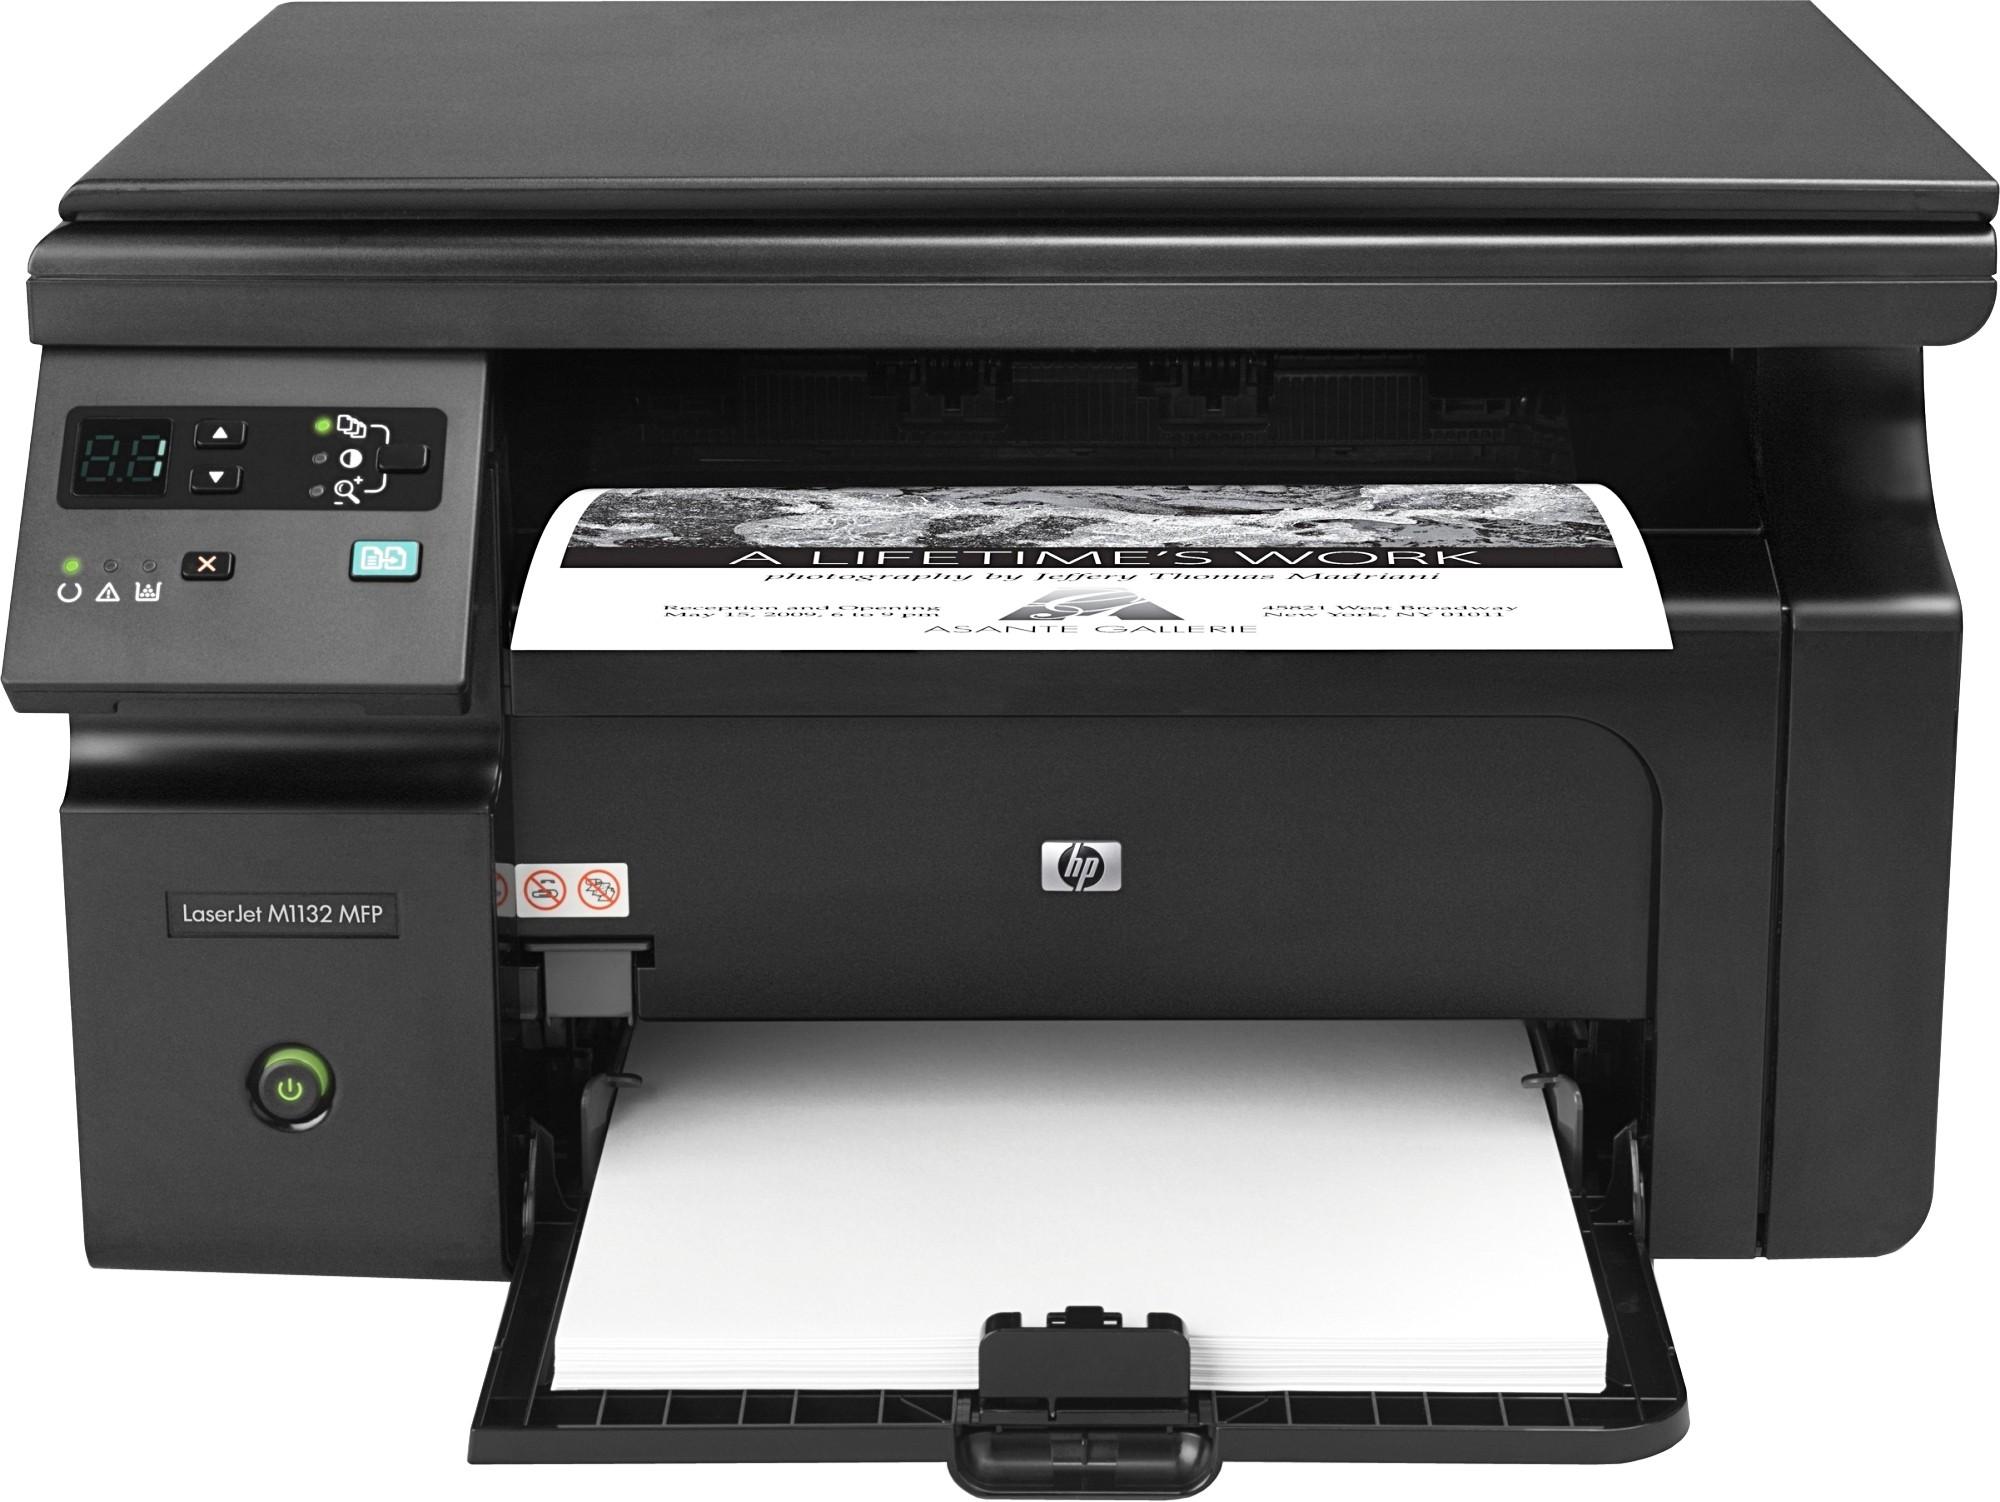 принтер м1132 купить картридж